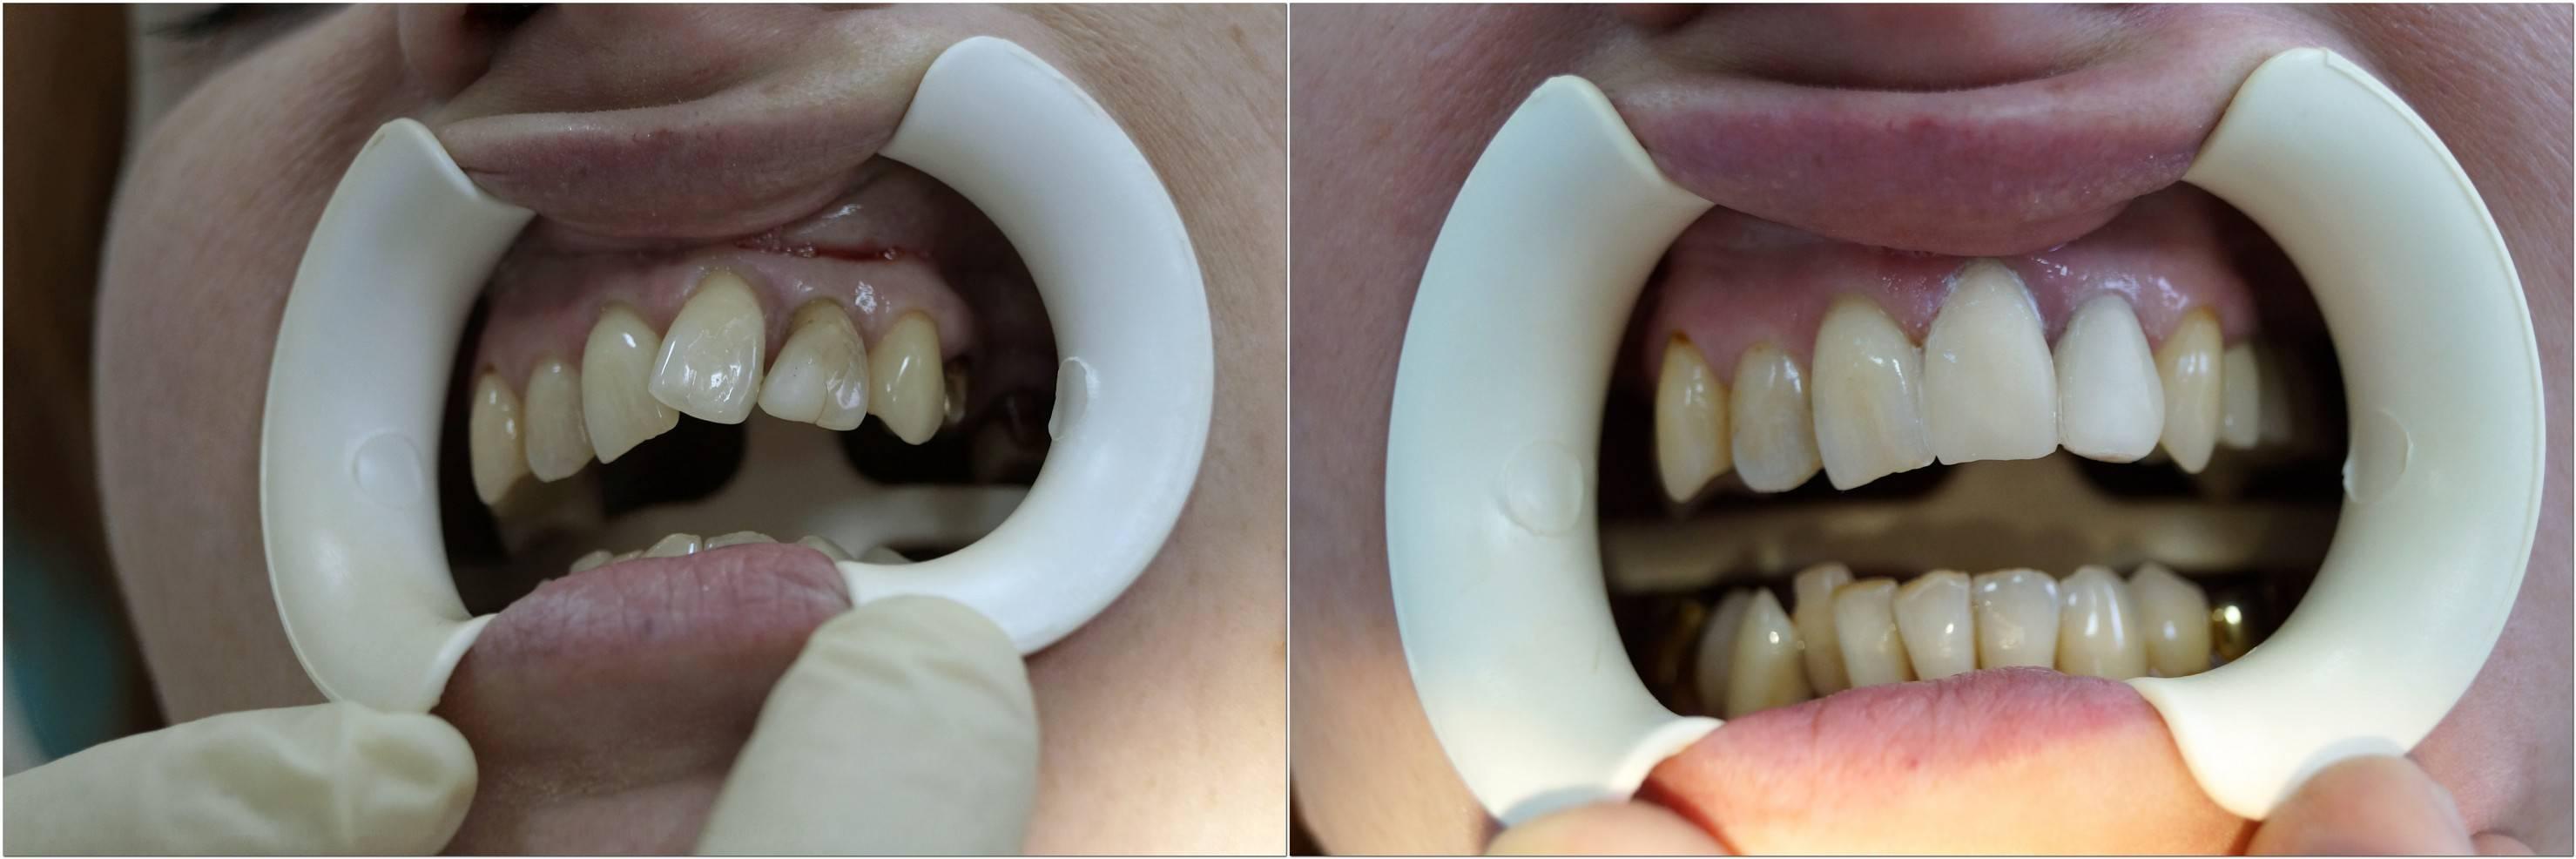 Можно ли убрать клыки последствия и опасности удаления зубов на верхней челюсти